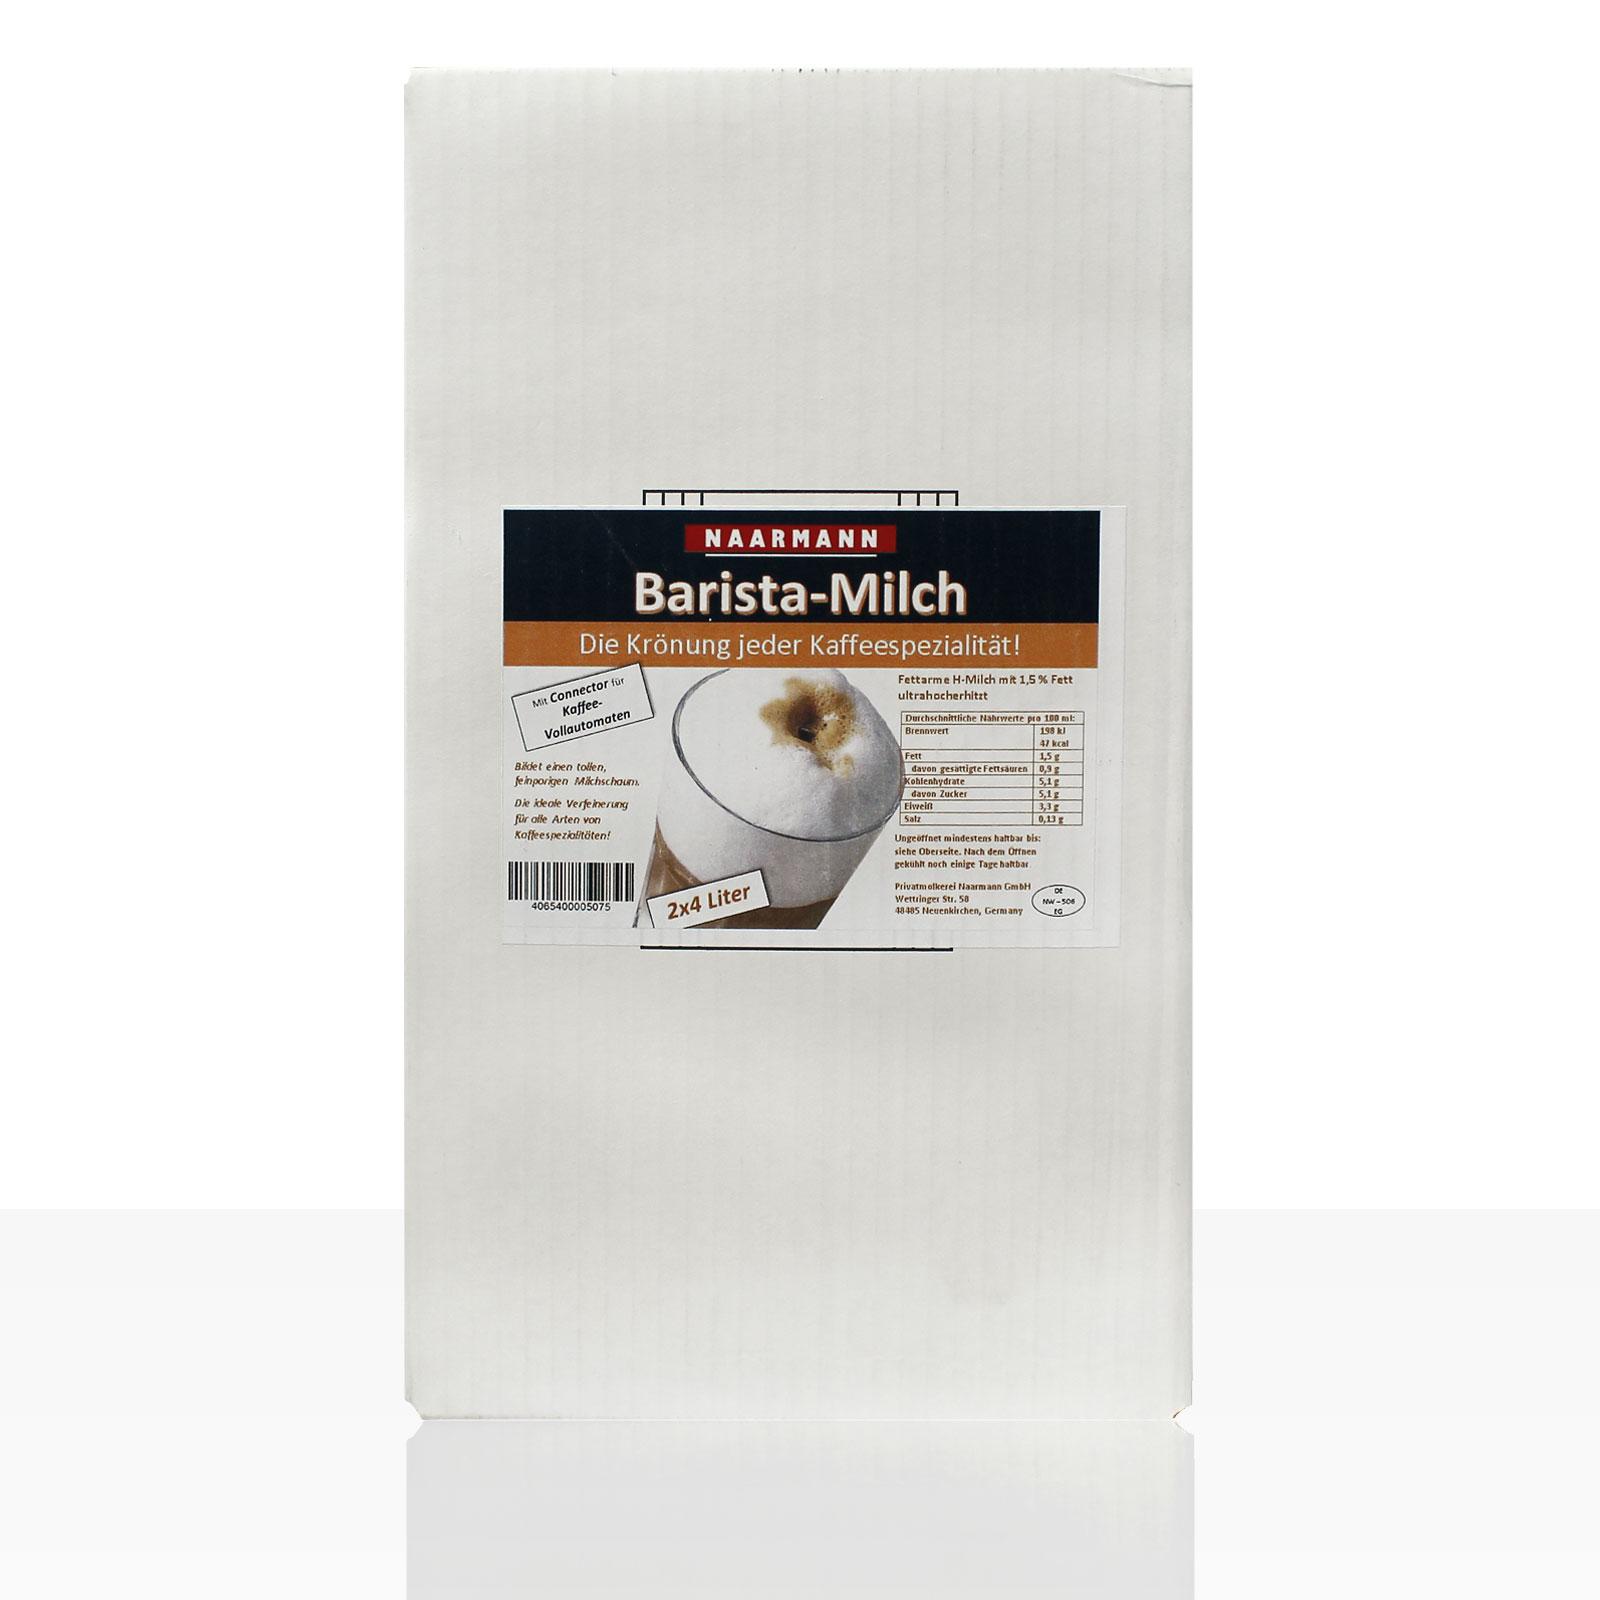 Naarmann Barista Milch, fettarme H-Milch 1,5% Fett mit Adaptervorrichtung für Kaffeevollautomaten 2 x 4l